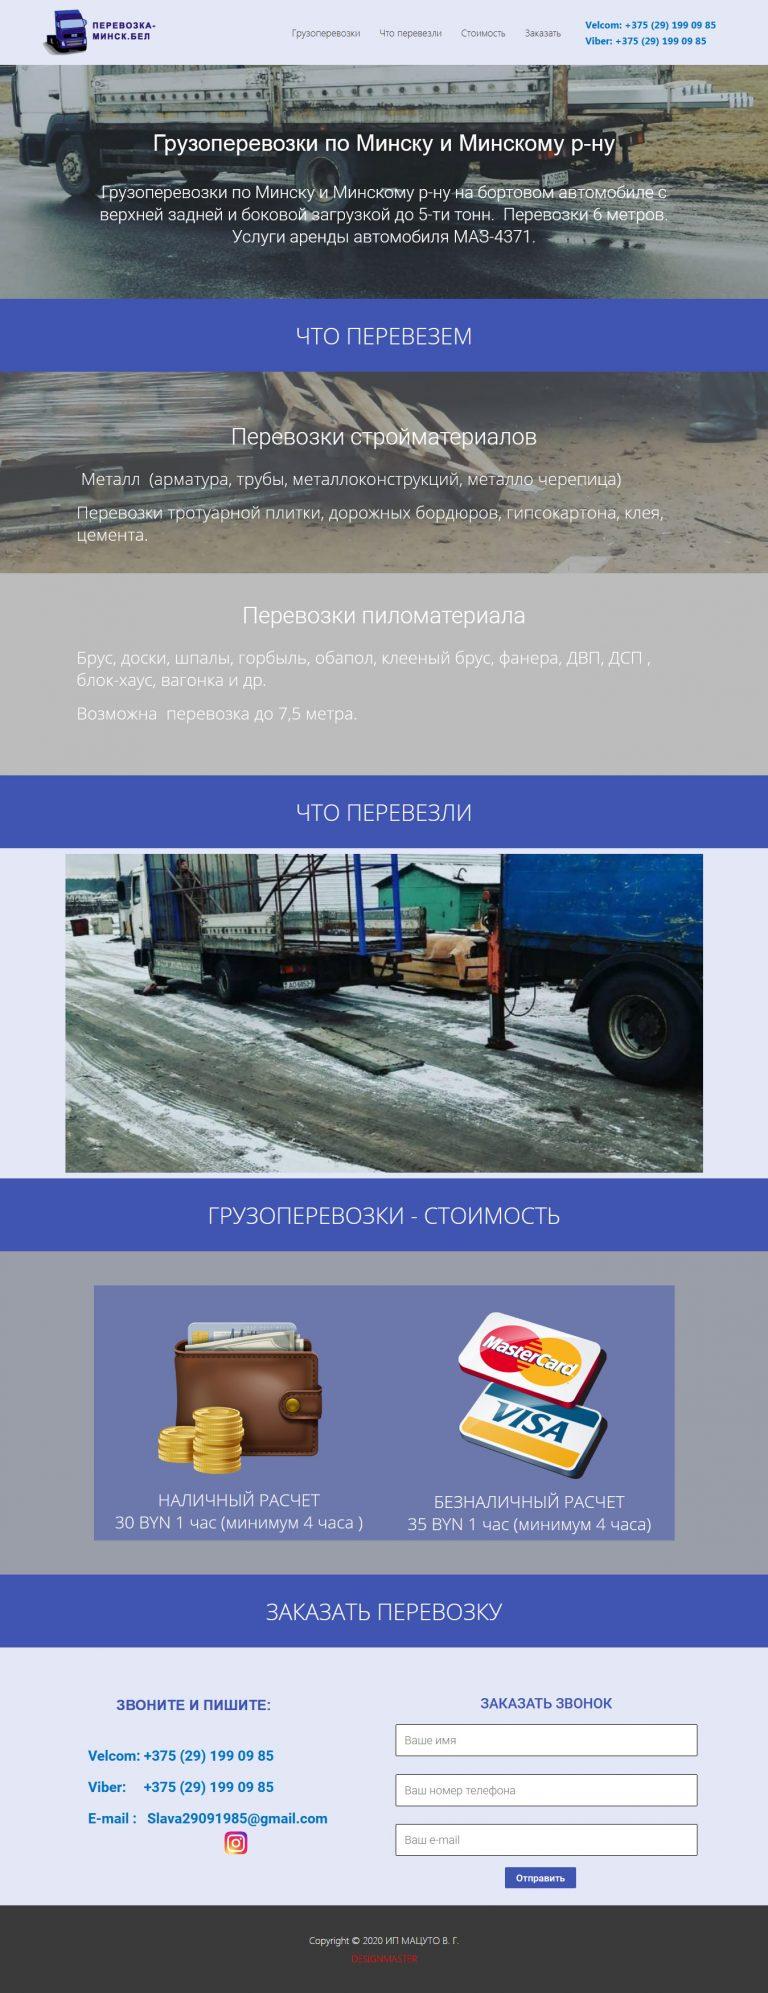 Screenshot_2021-02-06 Грузоперевозки по г Минску и Минскому району до 5-ти тонн